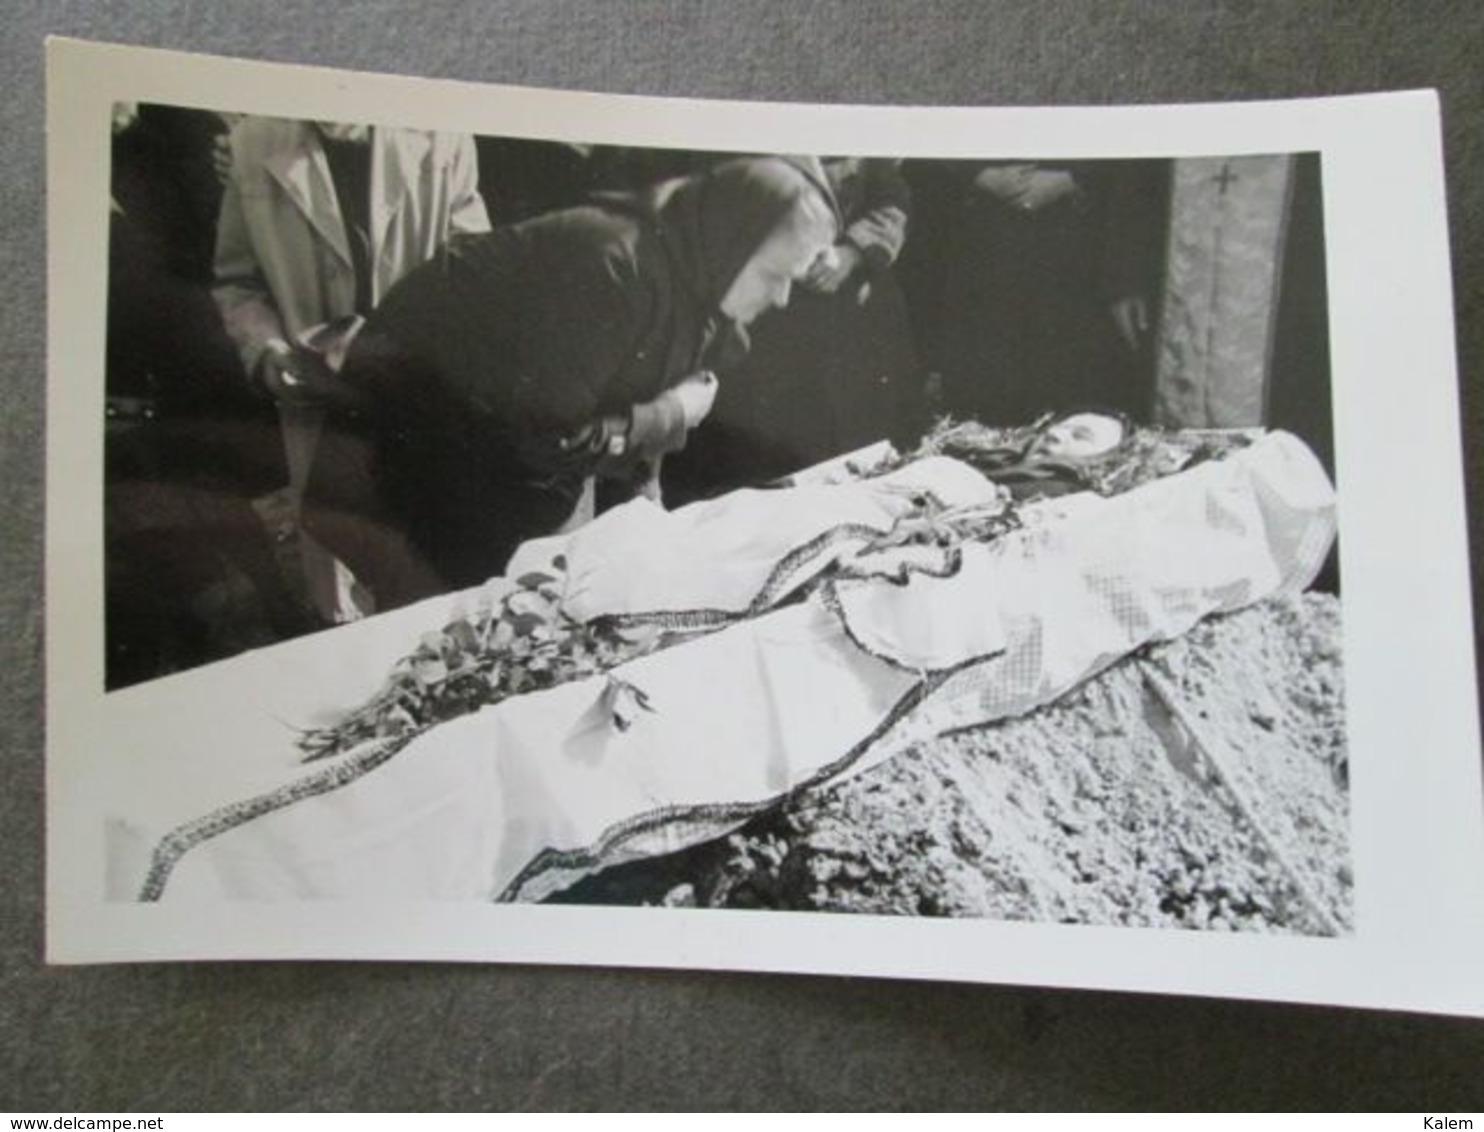 POST-MORTEM WOMAN, FEMME POST-MORTEM, ORIGINAL PHOTO - Personnes Anonymes